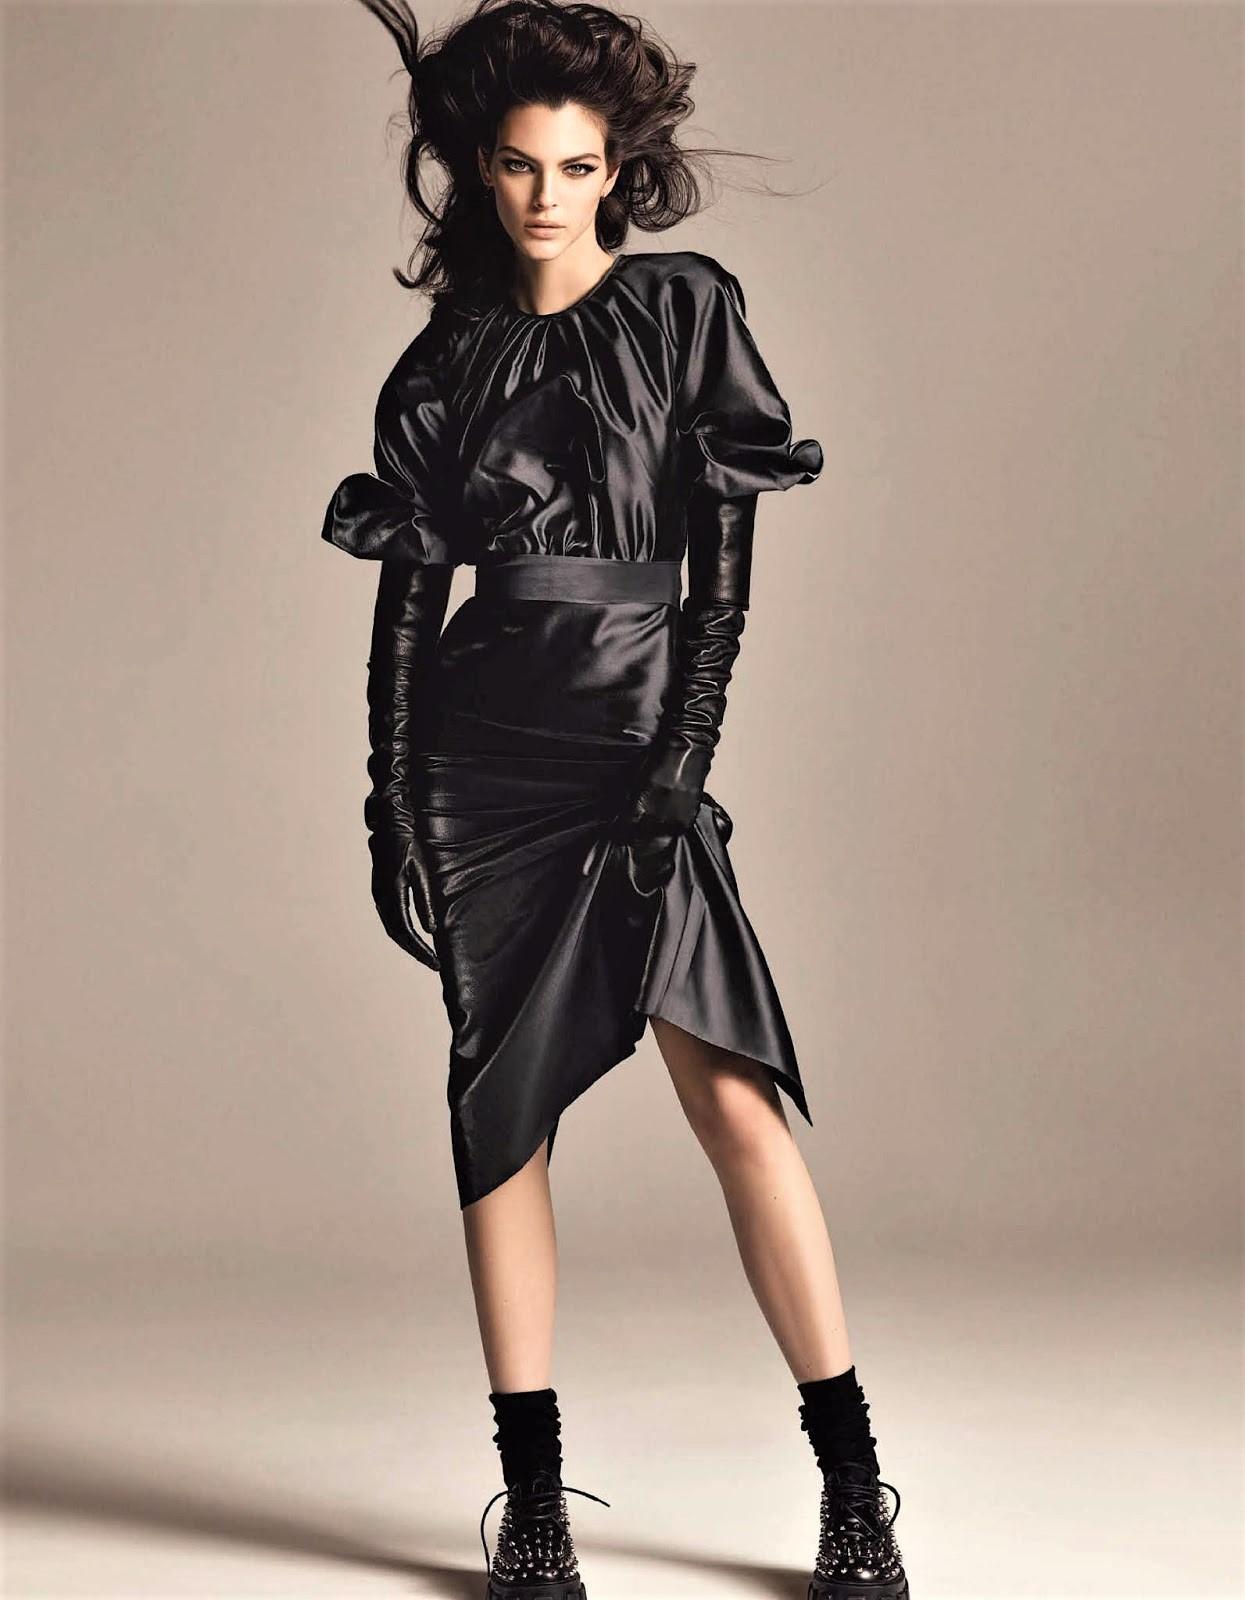 Vittoria Ceretti Vogue Japan August 2019  (5).jpg